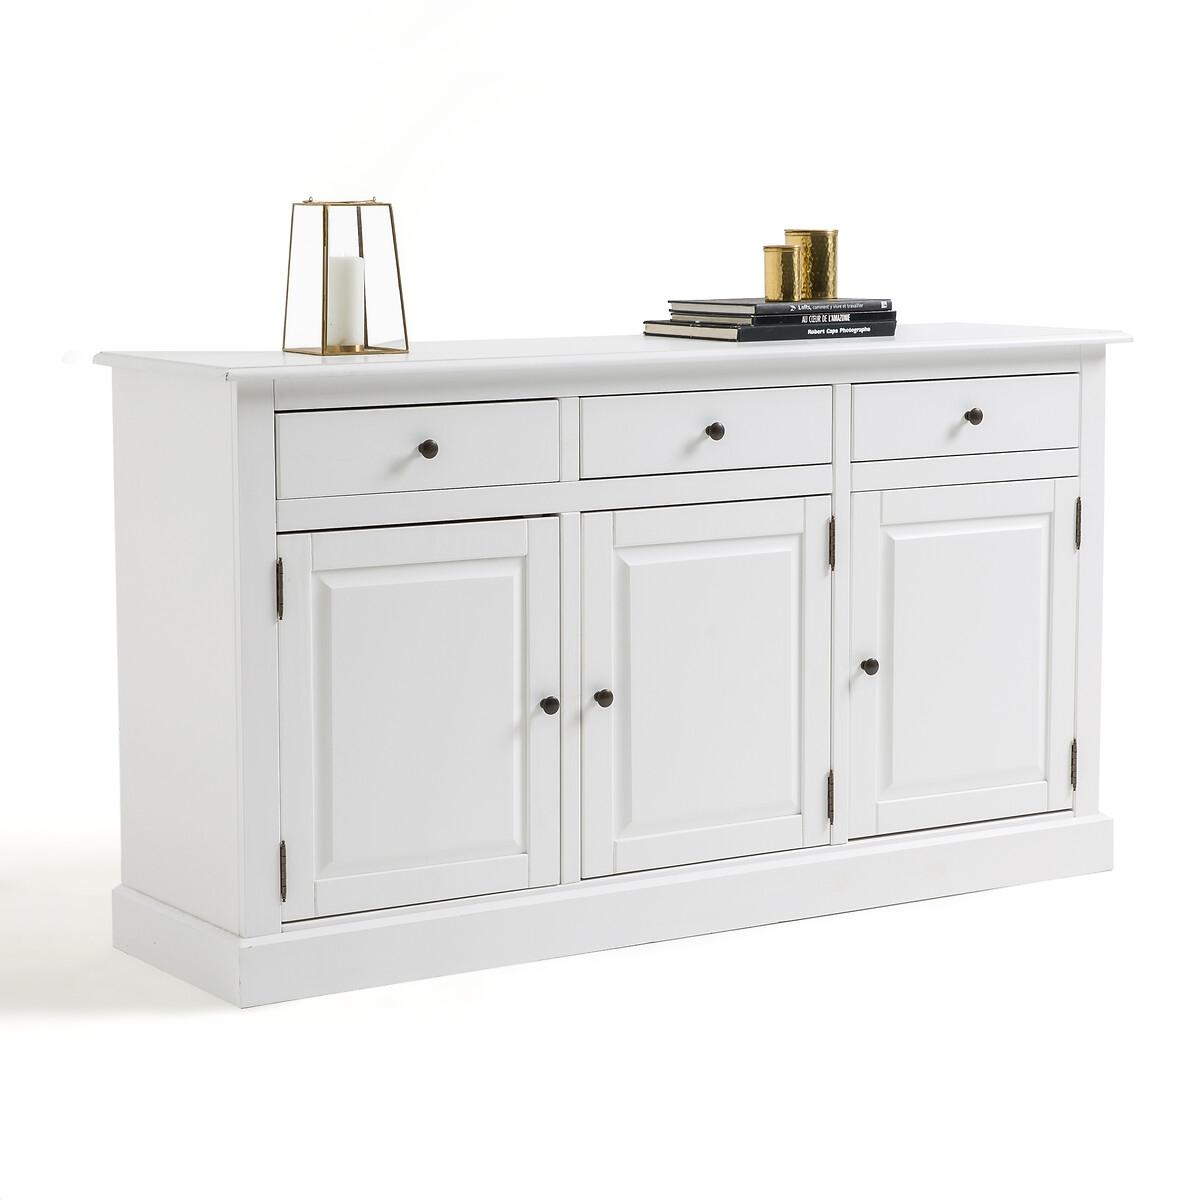 Буфет La Redoute С дверцами и ящиками Authentic Style единый размер белый